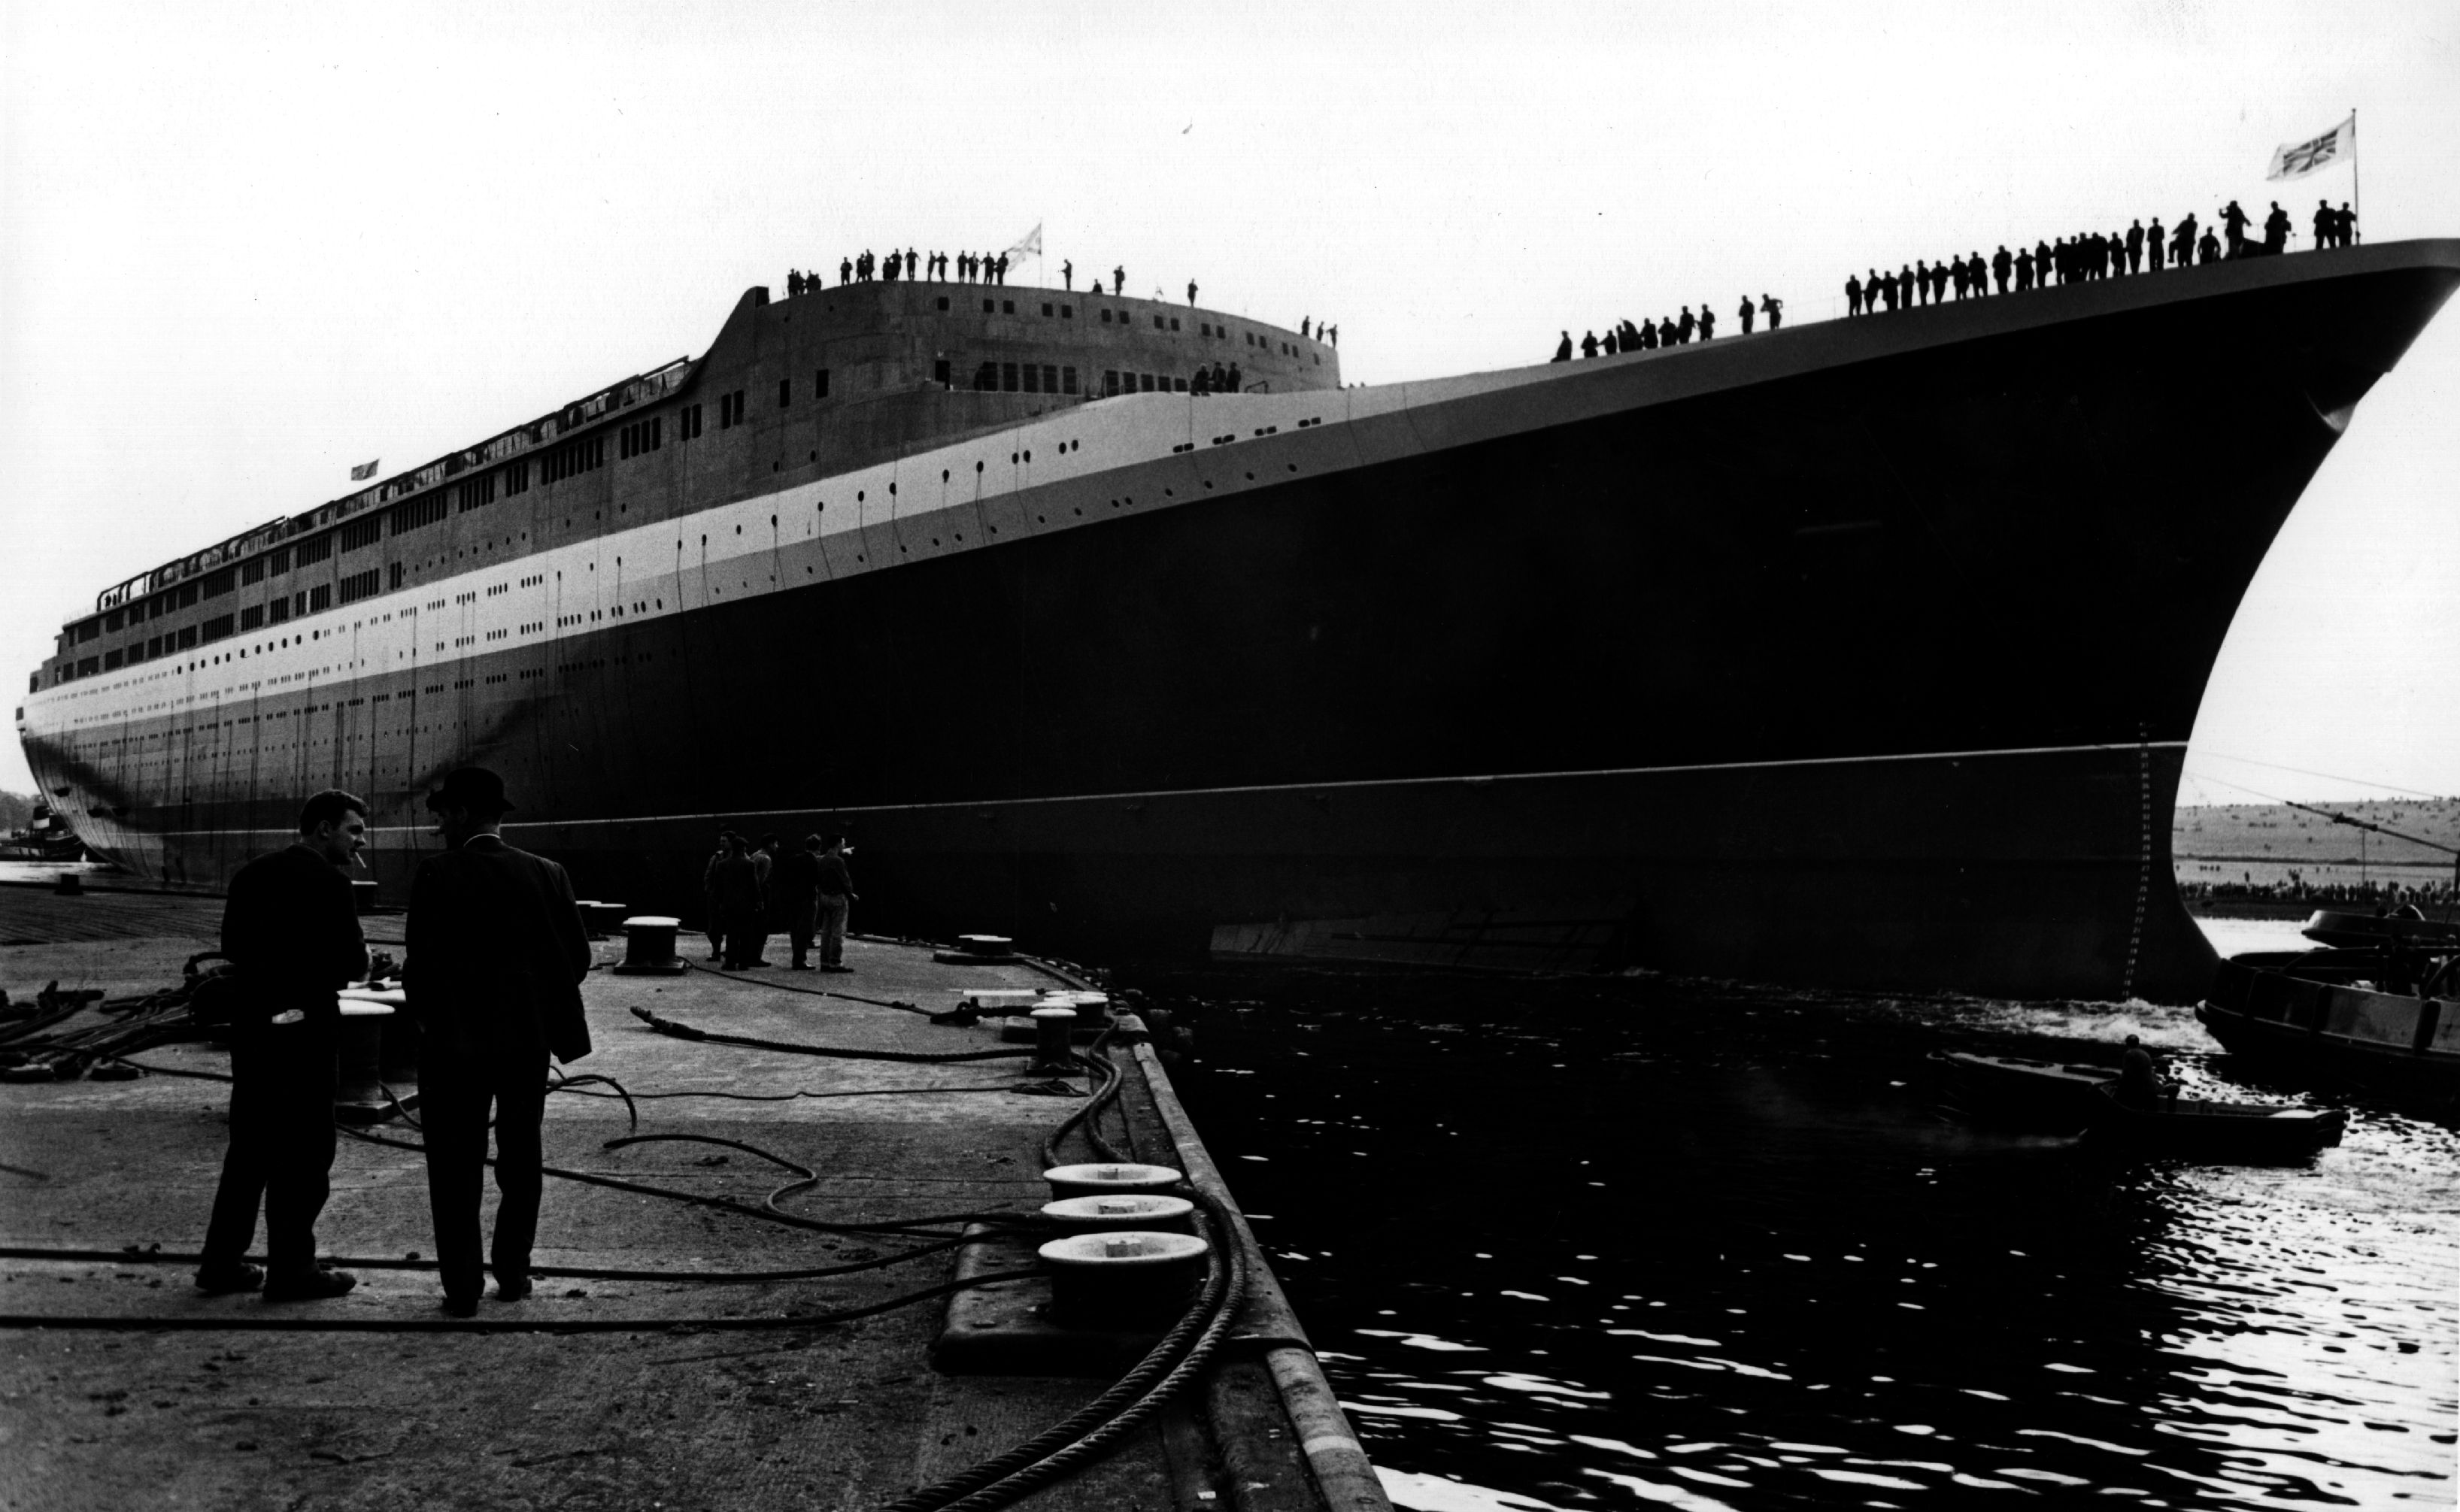 British passenger liner, The Queen Elizabeth II